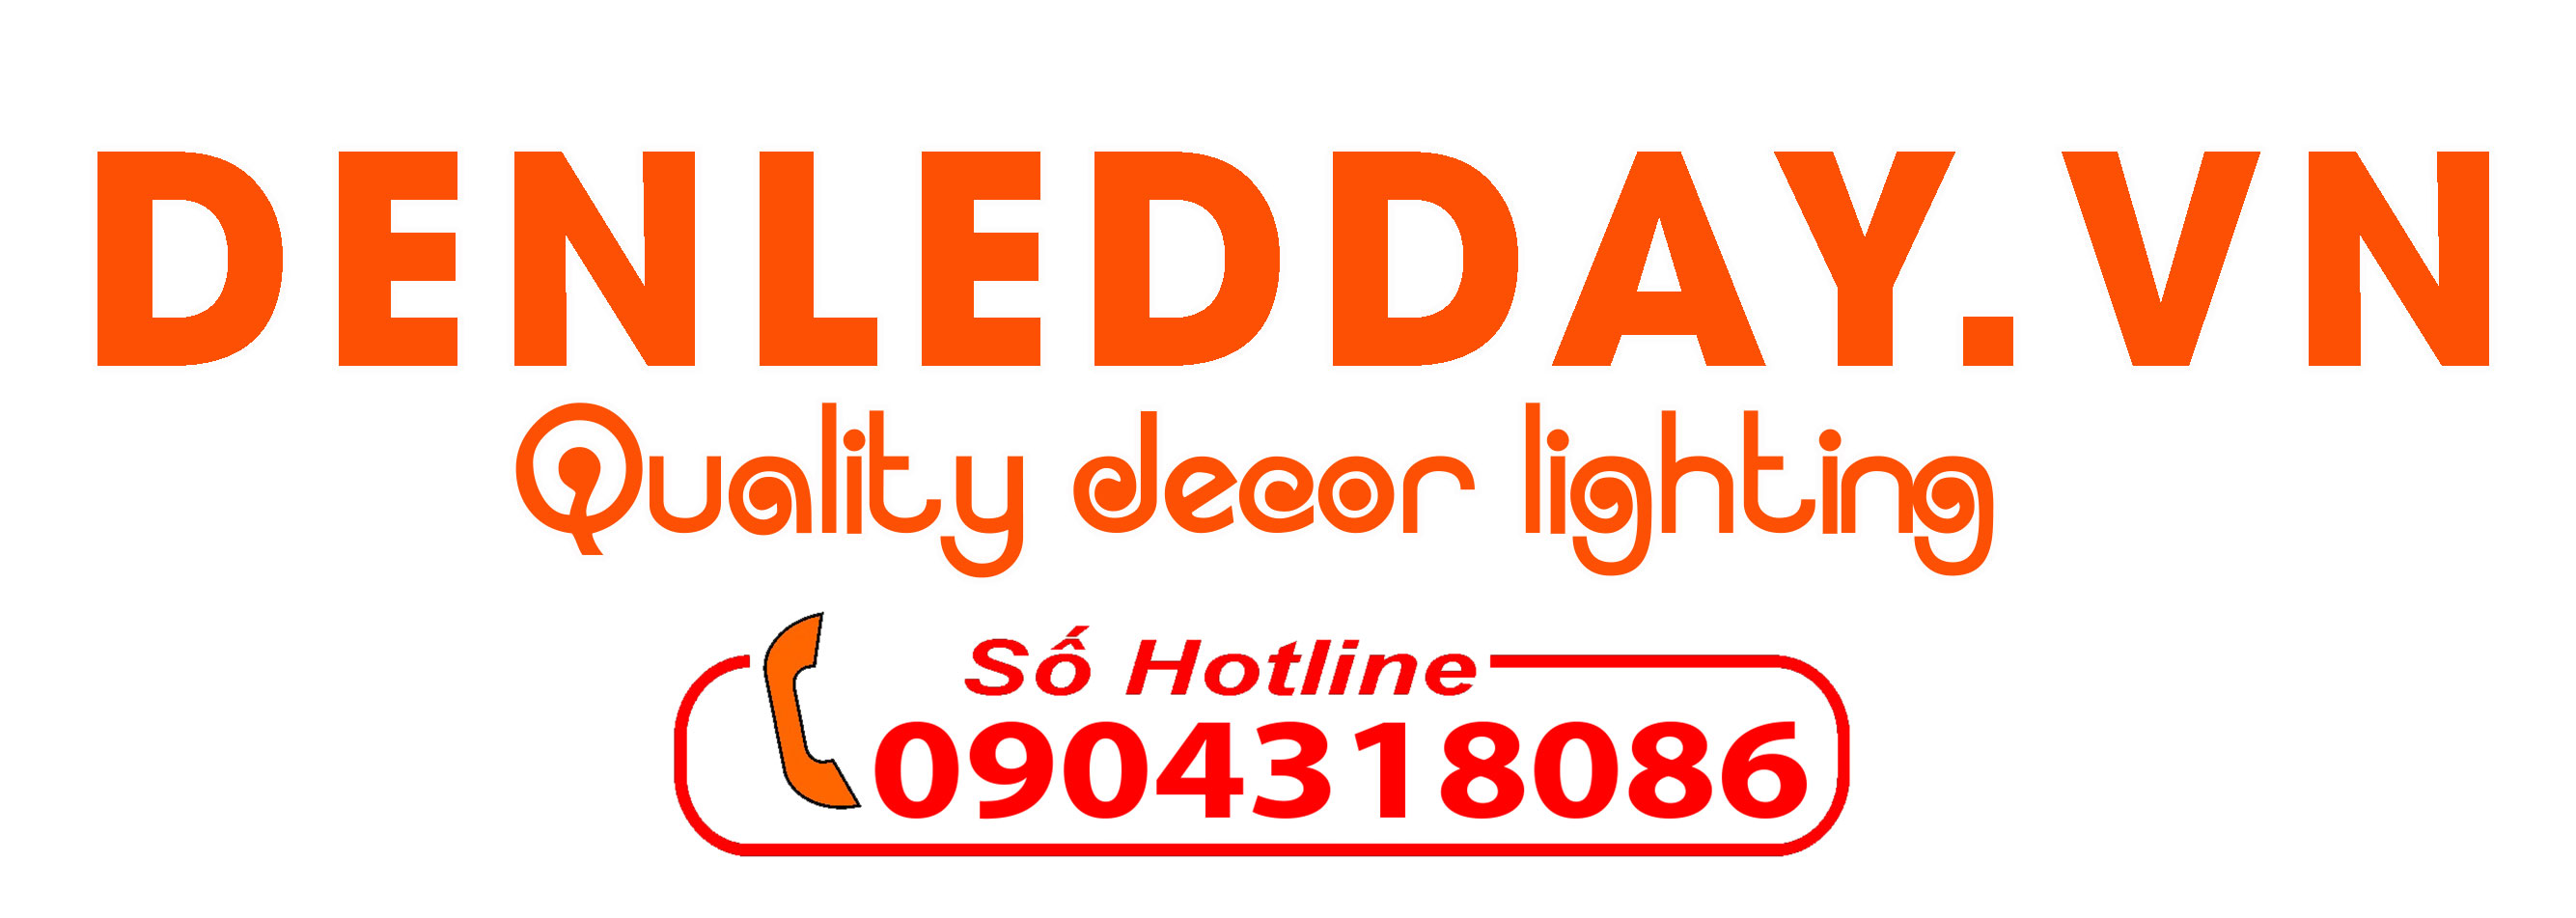 Đèn LED dây - Tư Vấn Trang Trí Đèn LED Uy Tín. Cung cấp các loại đèn LED dây trang trí nội ngoại thất chất lượng, giá tốt theo yêu cầu.